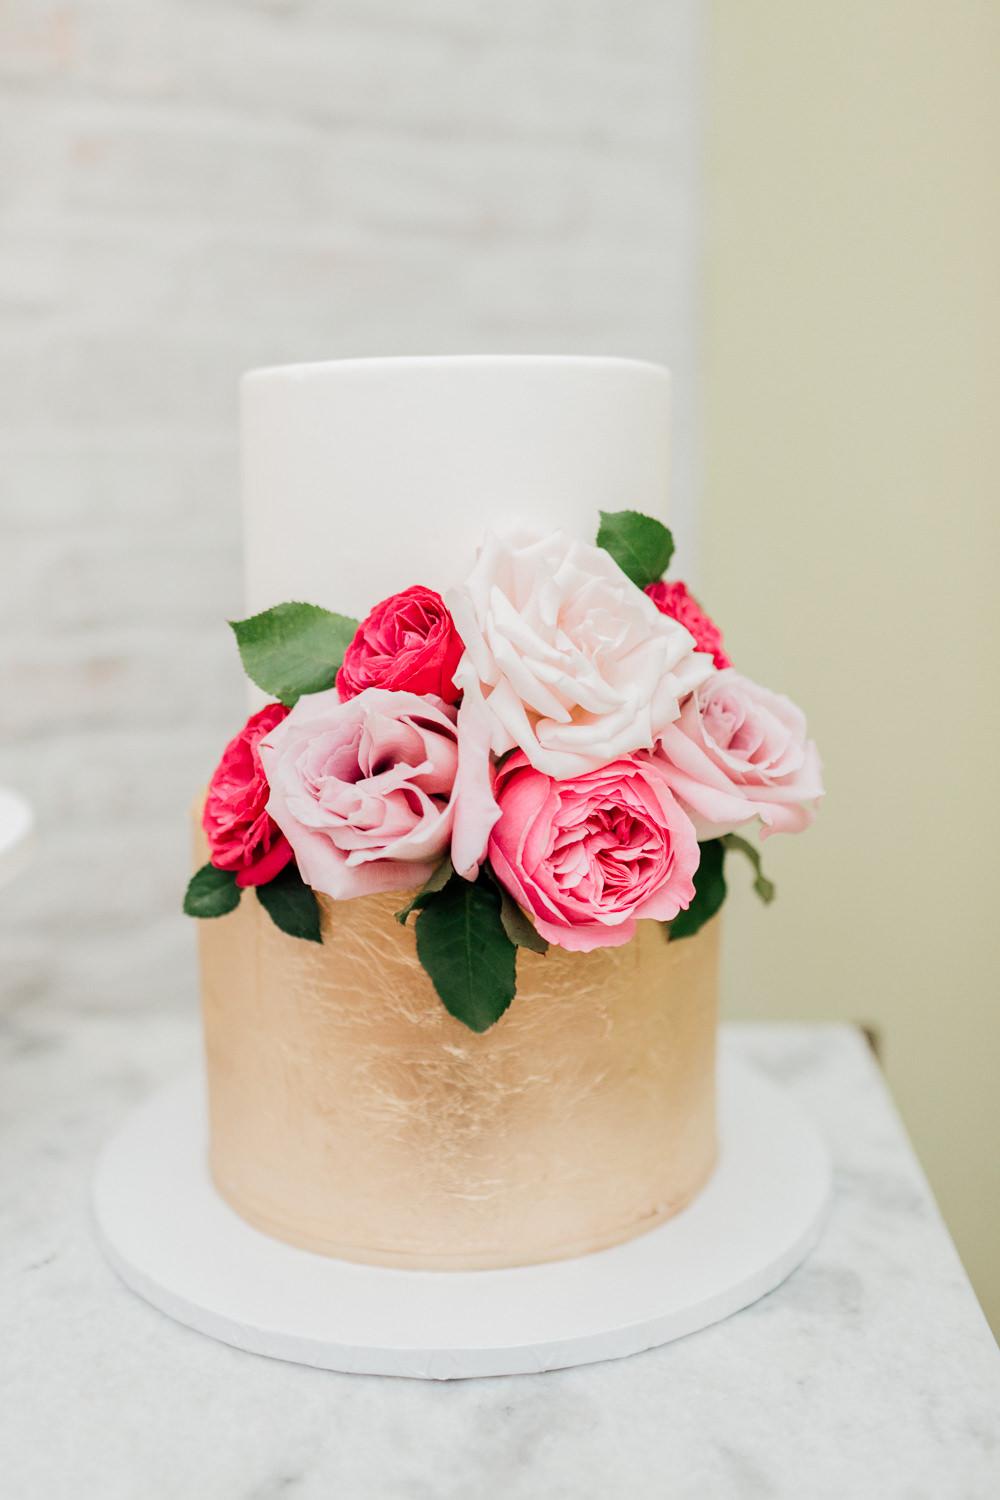 Gold Cake Floral Flowers Romantic Soft Elopement Wedding Las Vegas Kristen Joy Photography